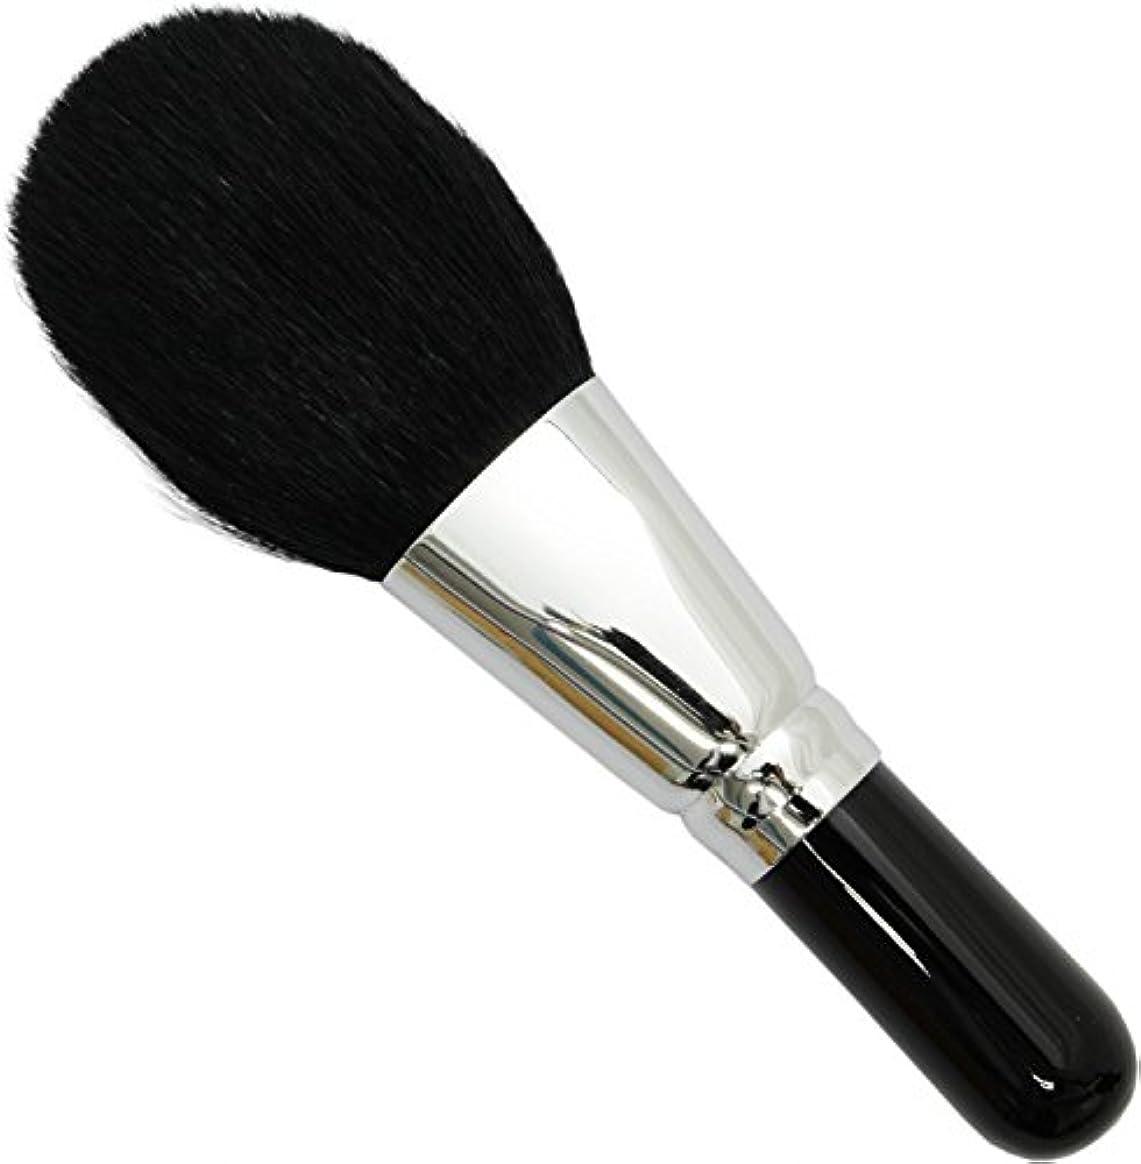 強制農村スパーク熊野筆 メイクブラシ SRシリーズ フェイスブラシ 山羊毛